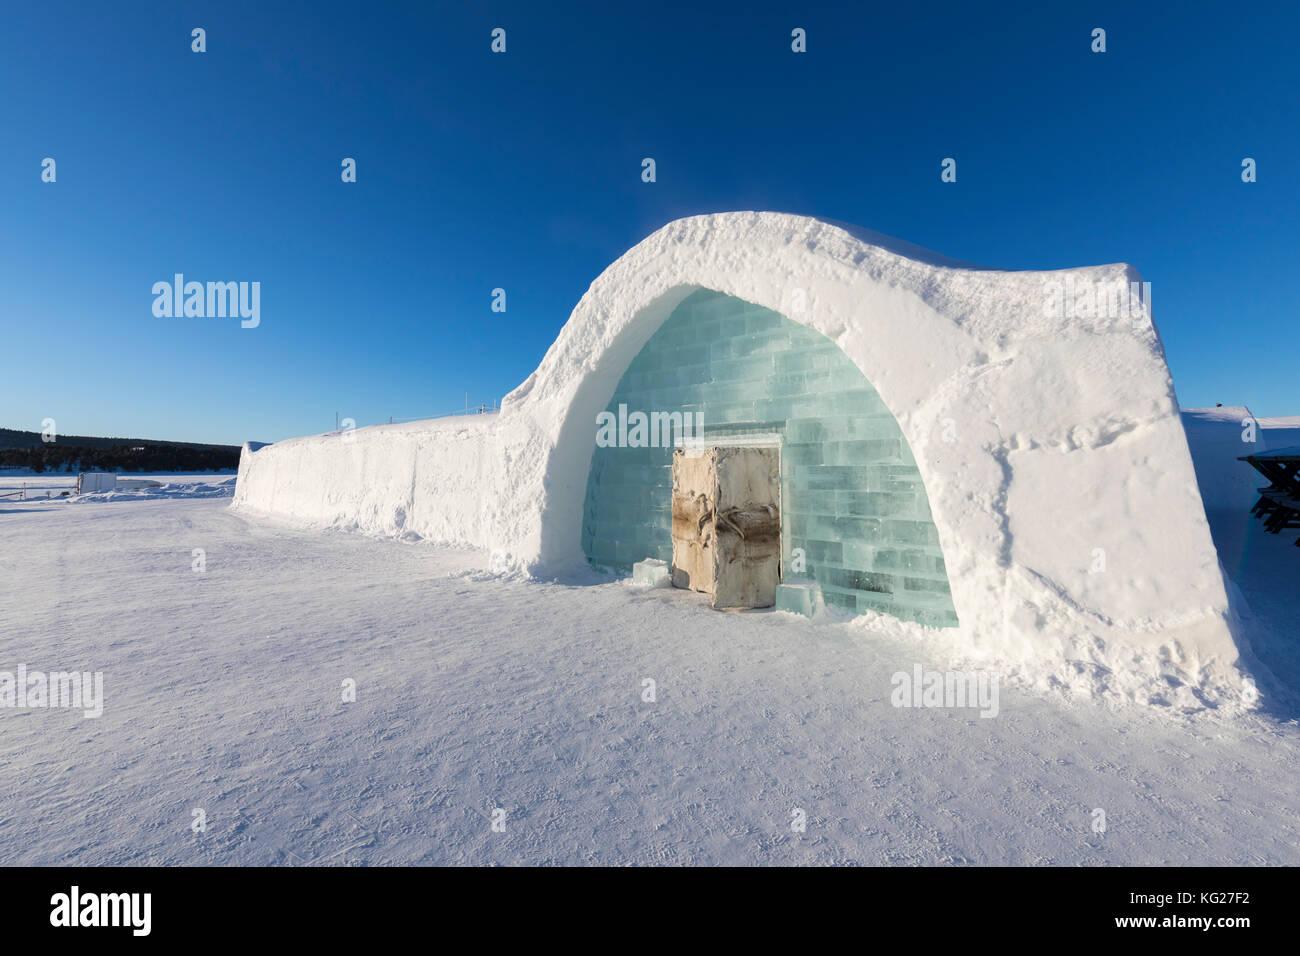 eis gebude mit iglu form in den schnee eis hotel jukkasjrvi kiruna norrbottens ln lappland schweden skandinavien europa